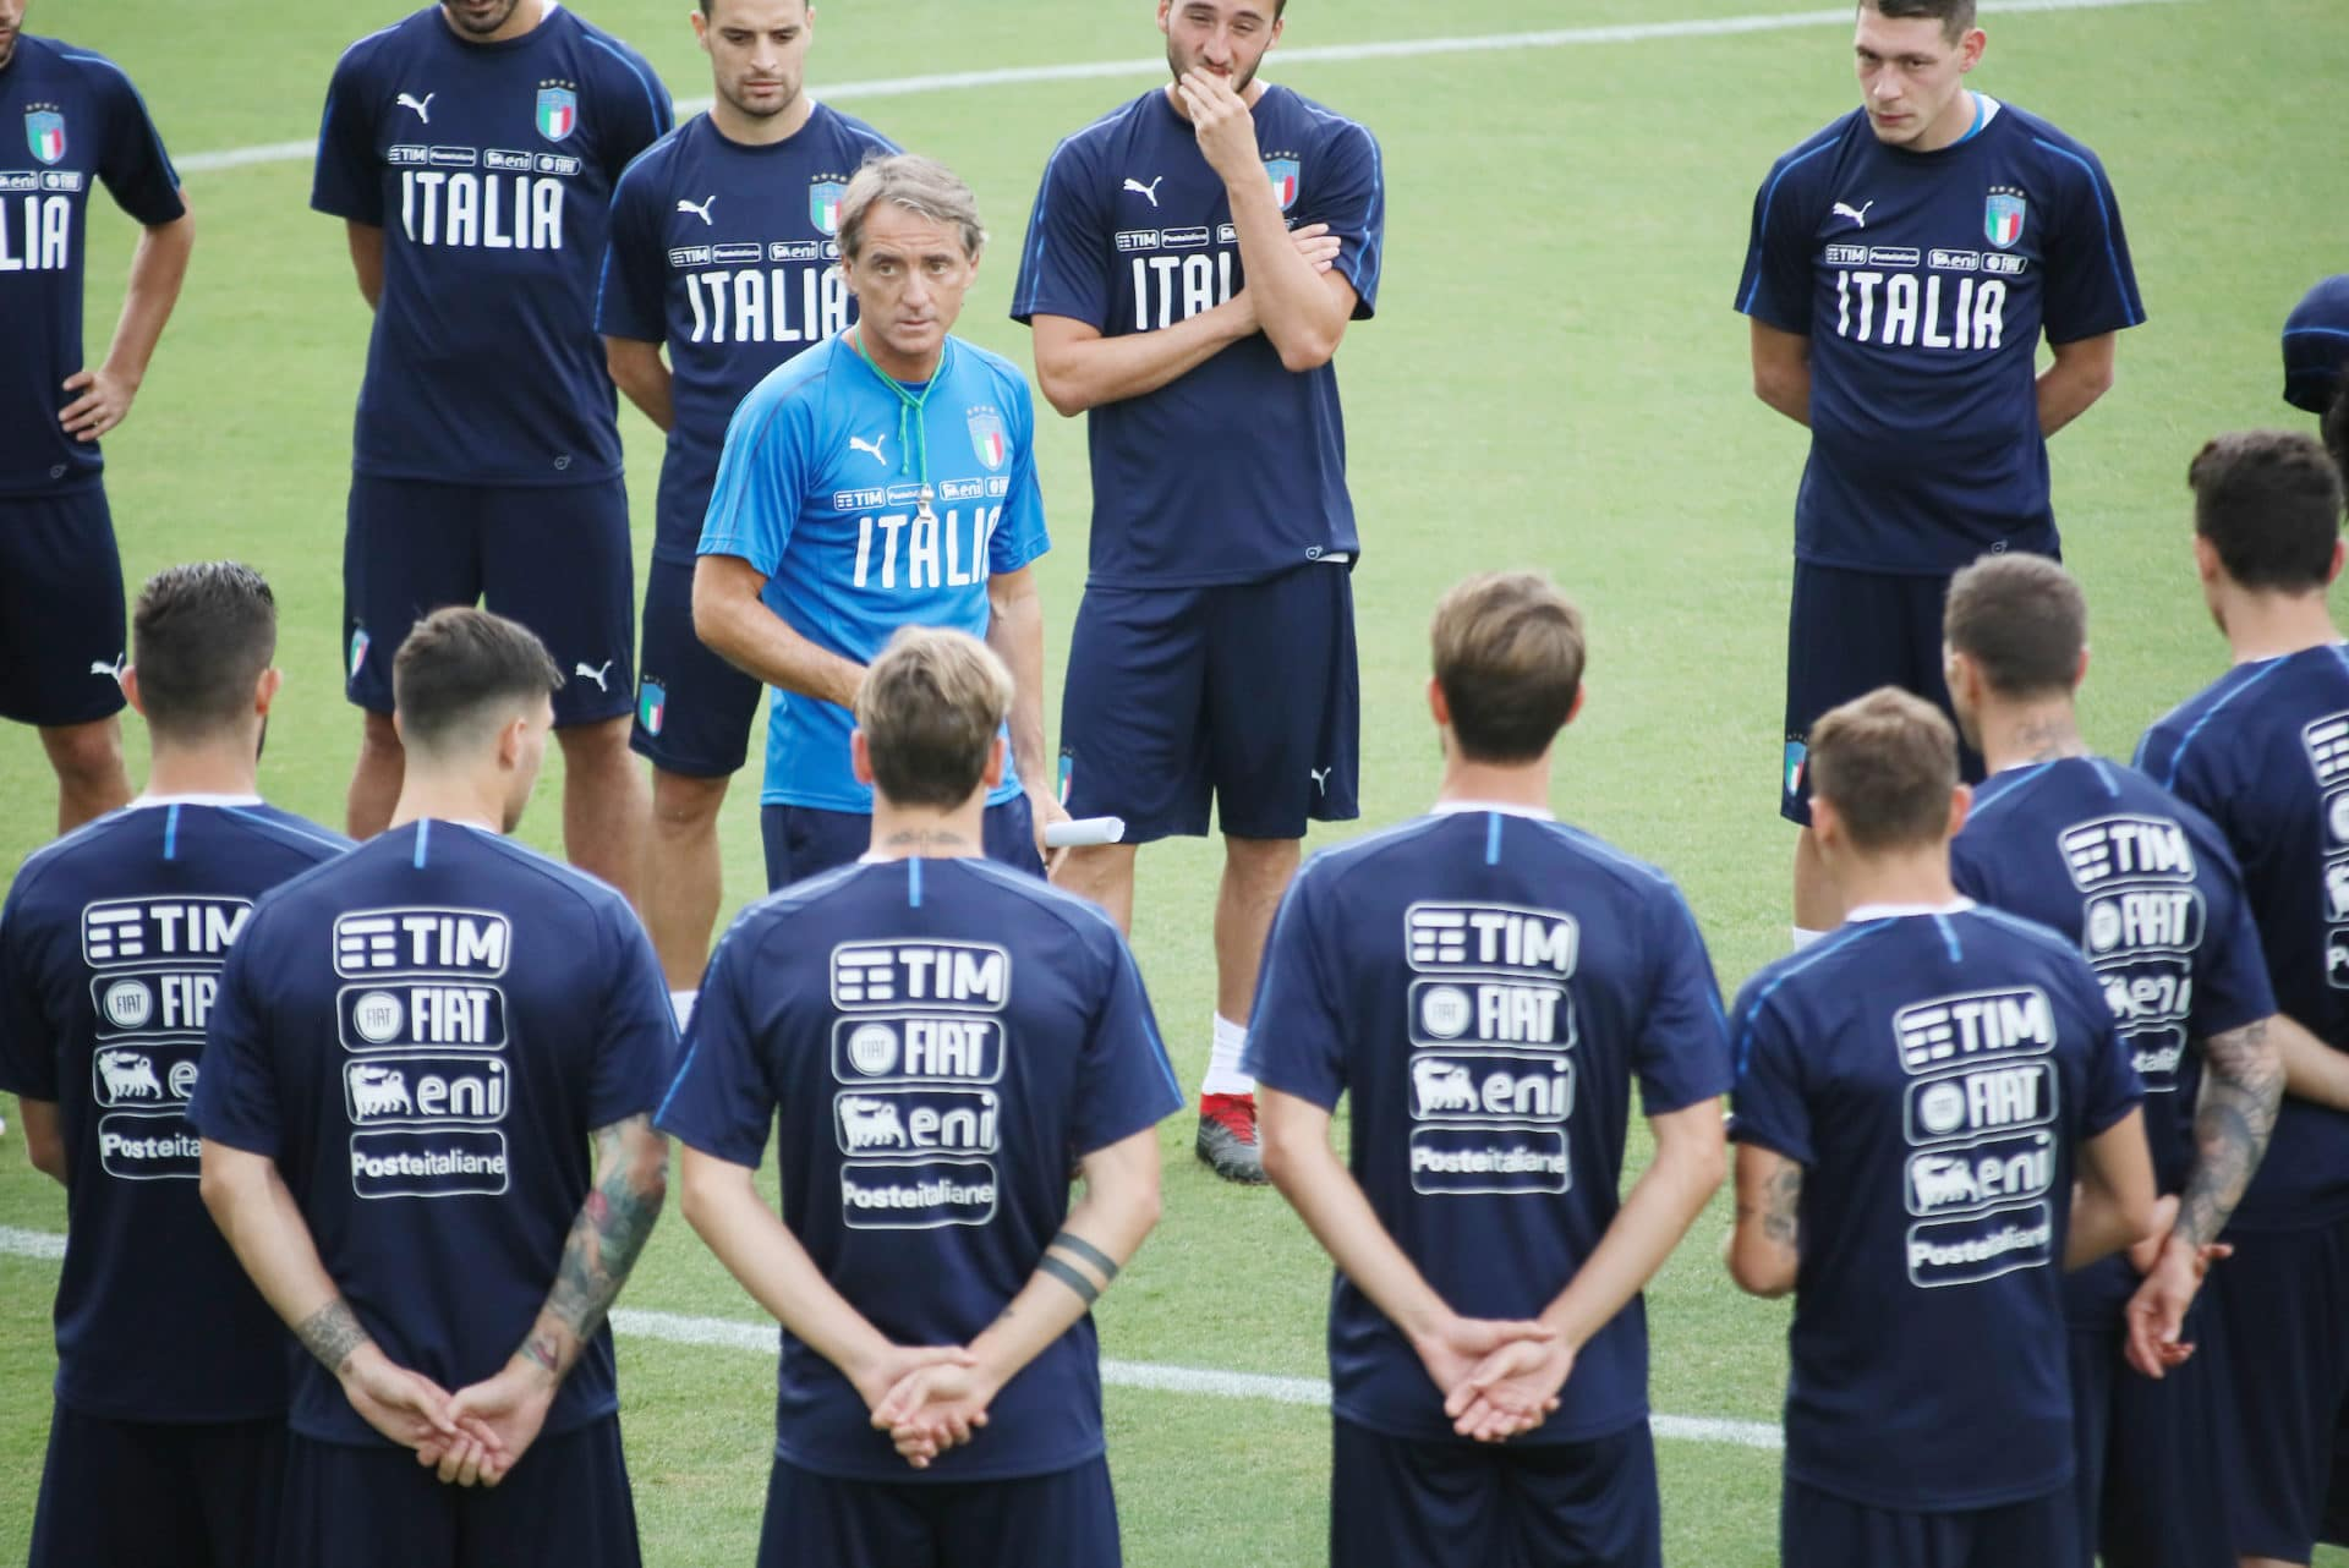 Mondiali Calcio 2020 Calendario.Calendario Europei 2020 Formula E Date Competizione